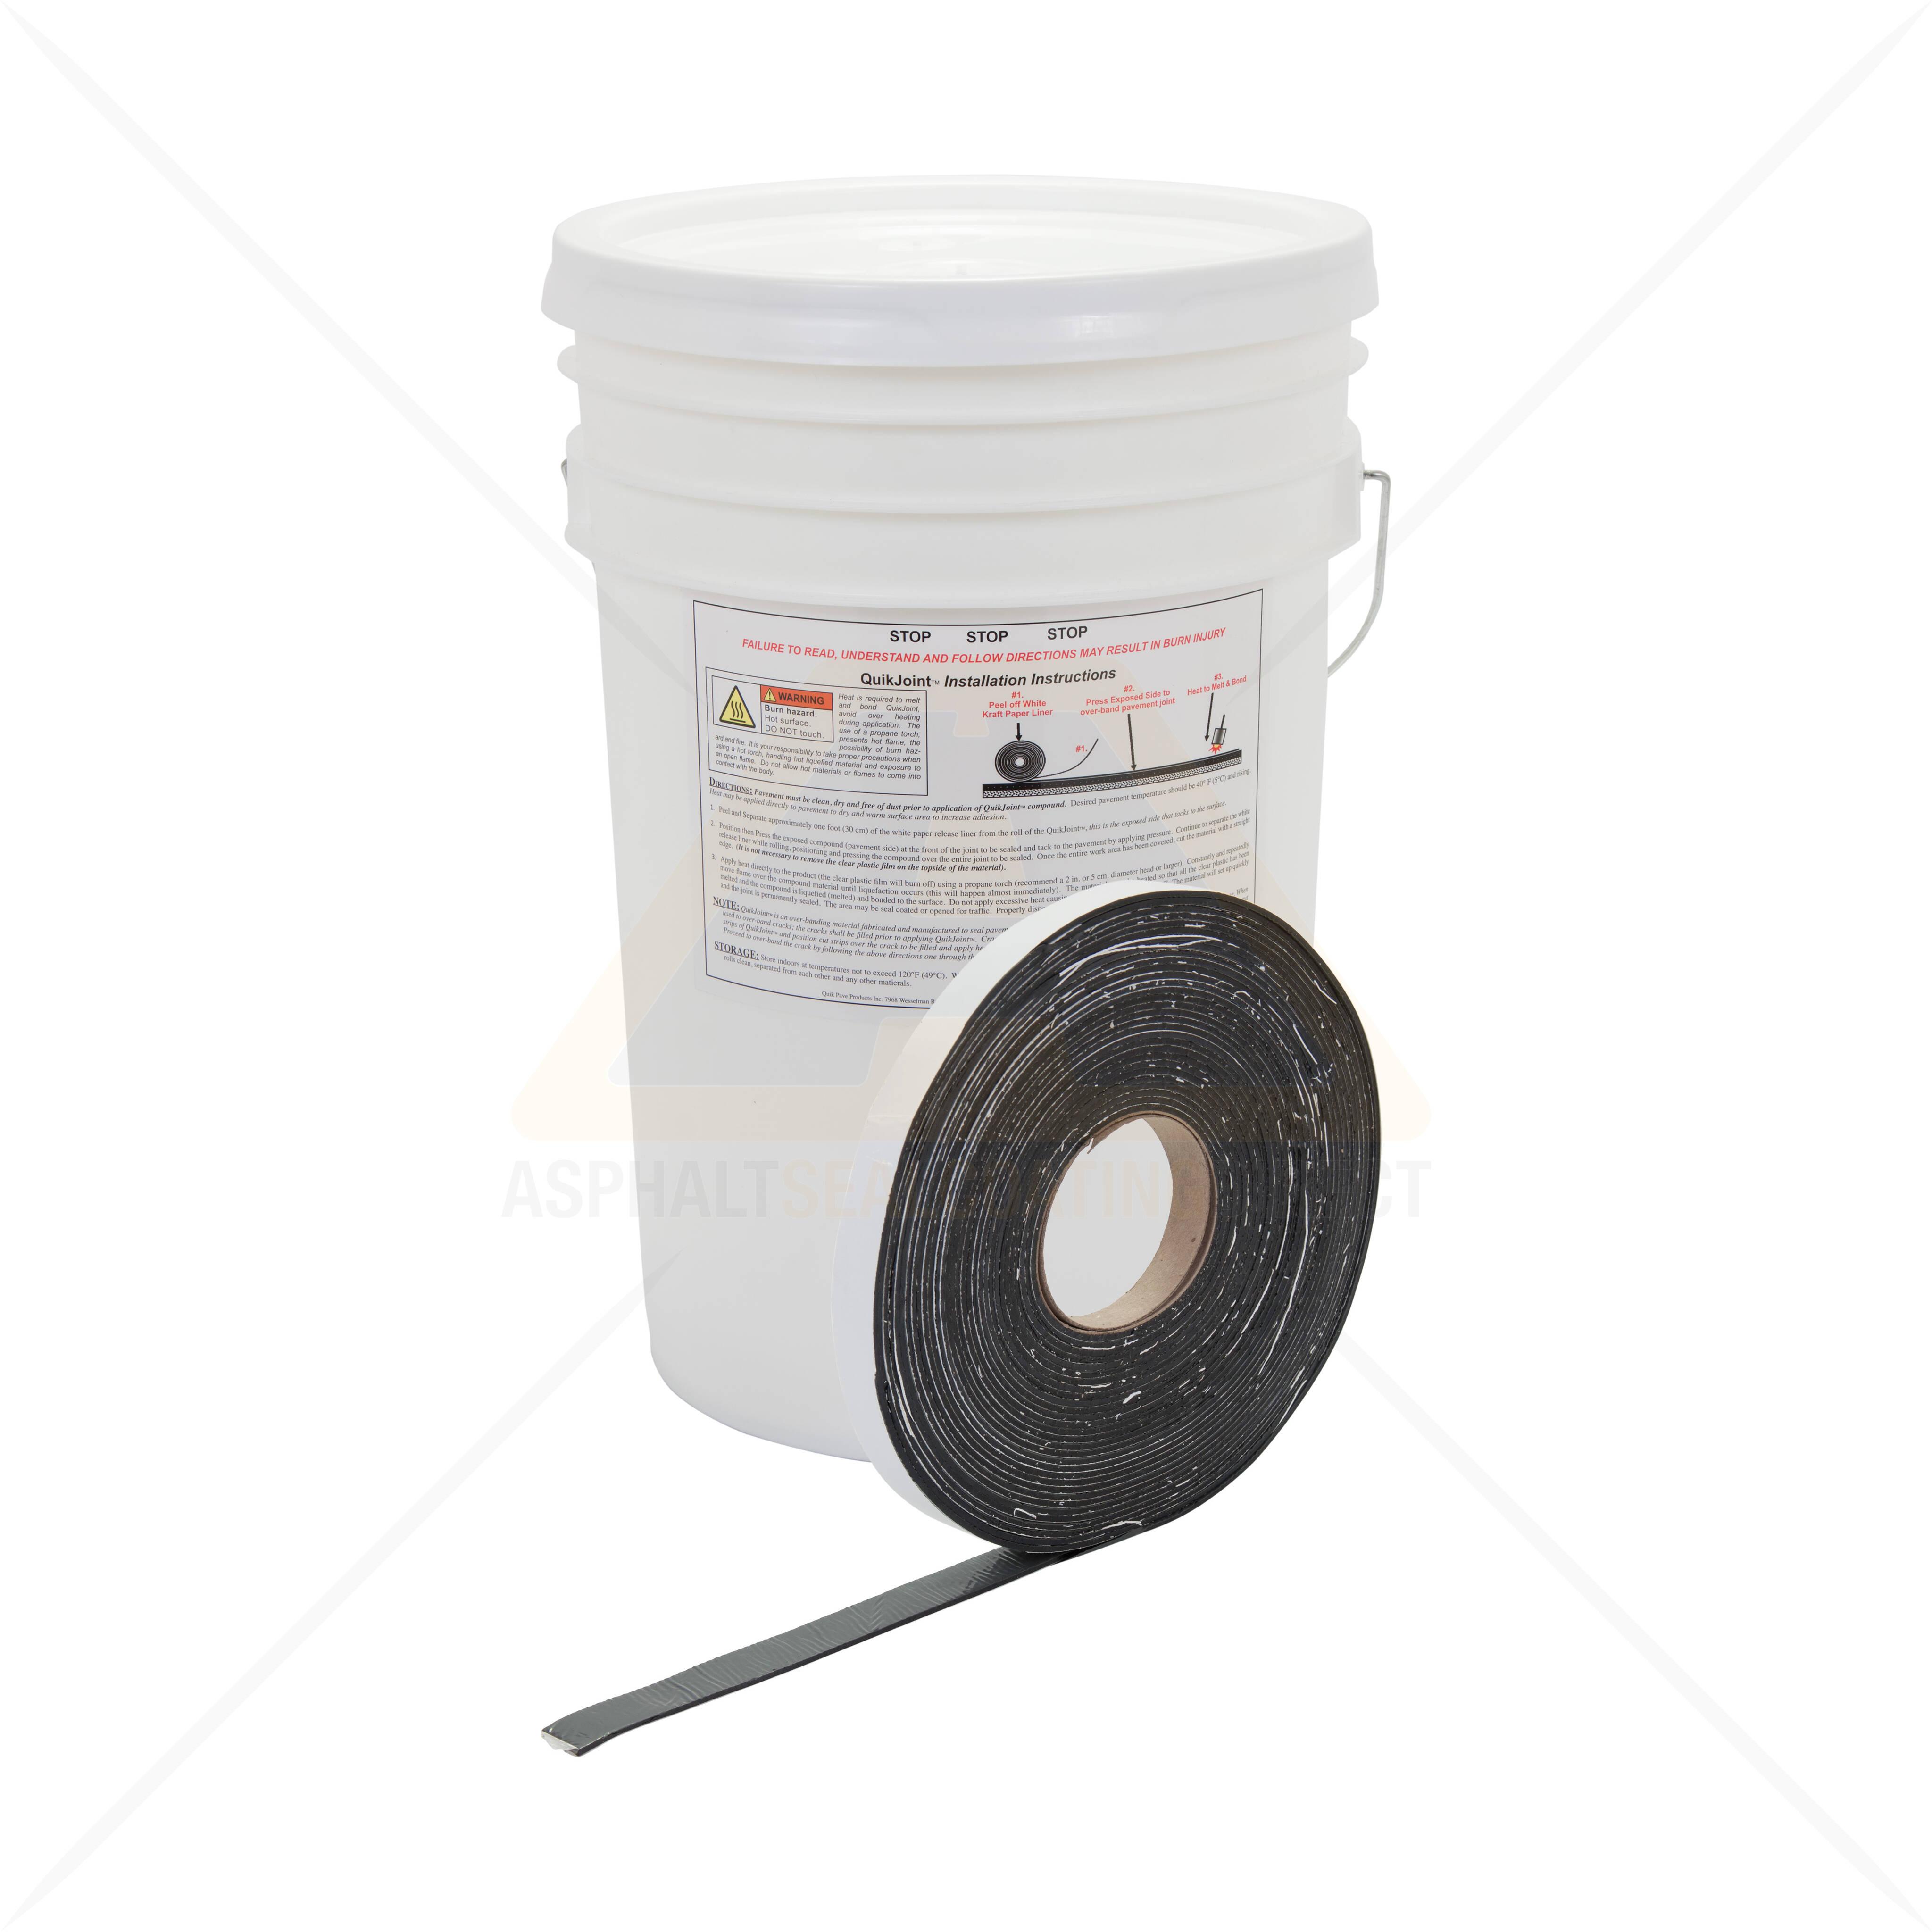 Quik Joint 1 Quot Asphalt Crack Repair Tape For Sale Asphalt